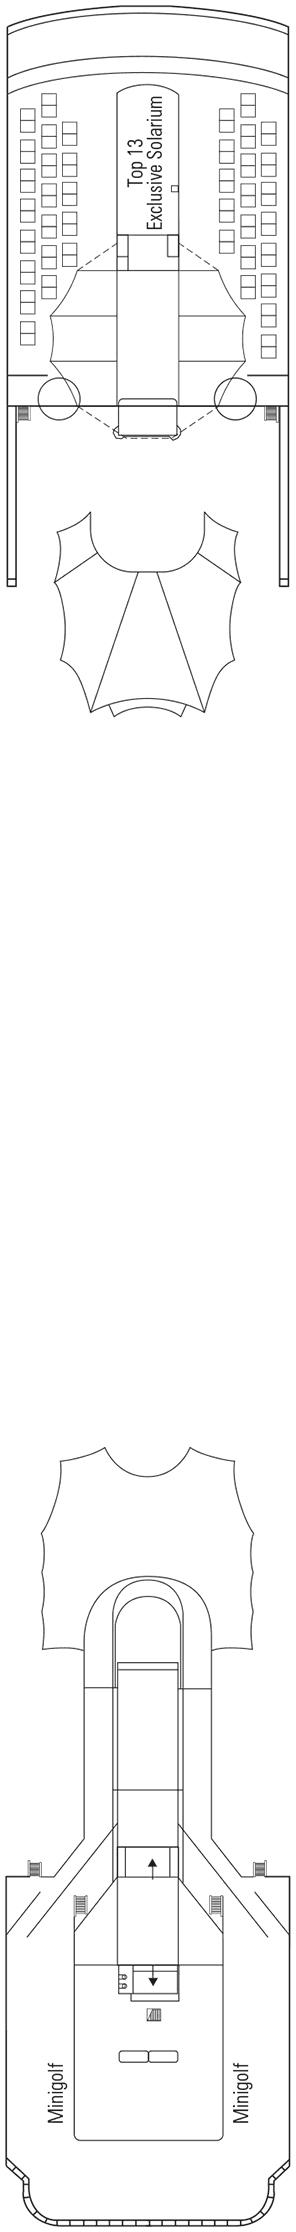 MSC Lirica - Sun Deck, Minigolf Deck